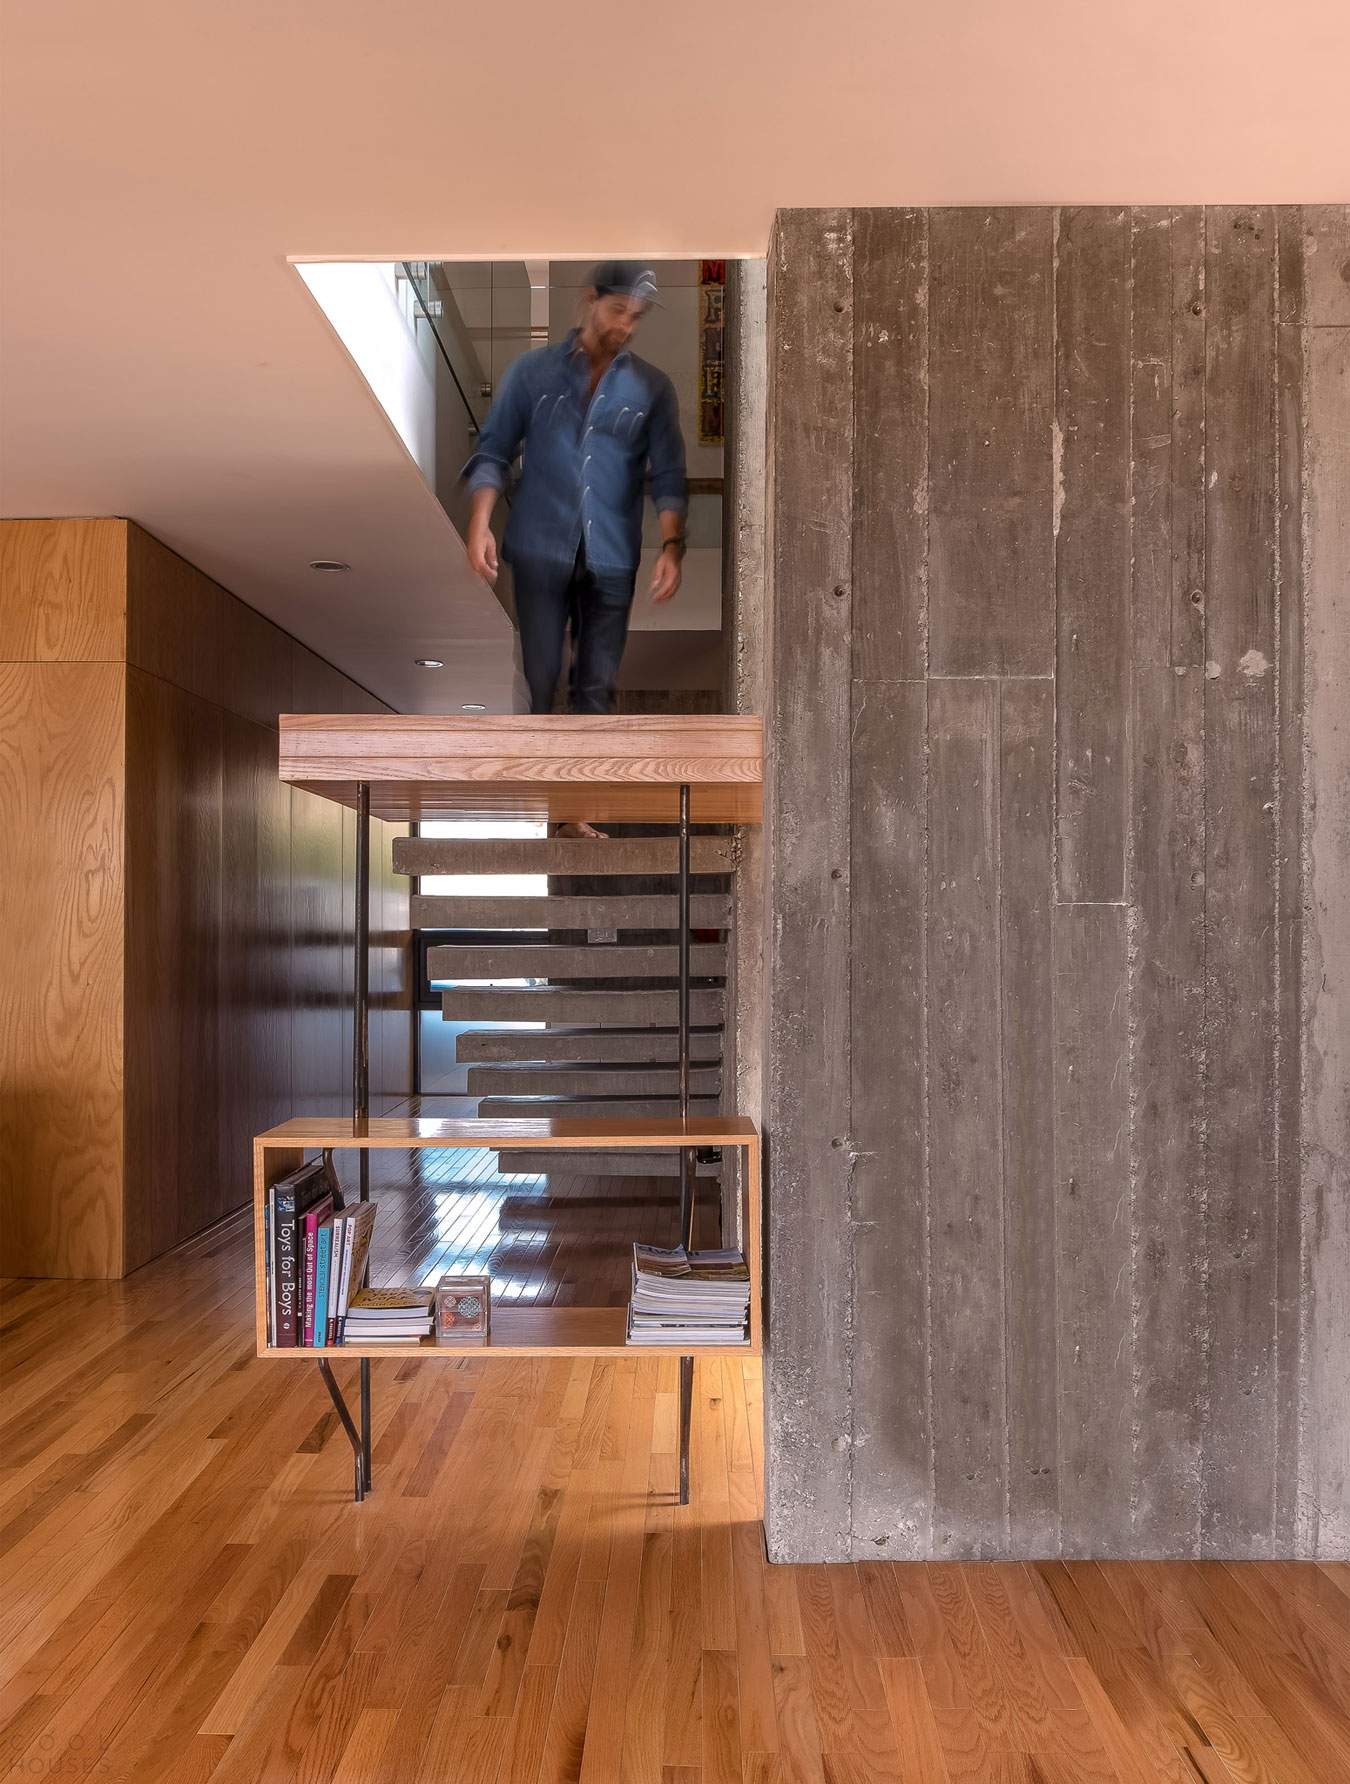 Жилой дом на бетонном основании и в стальной коробке в Мексике